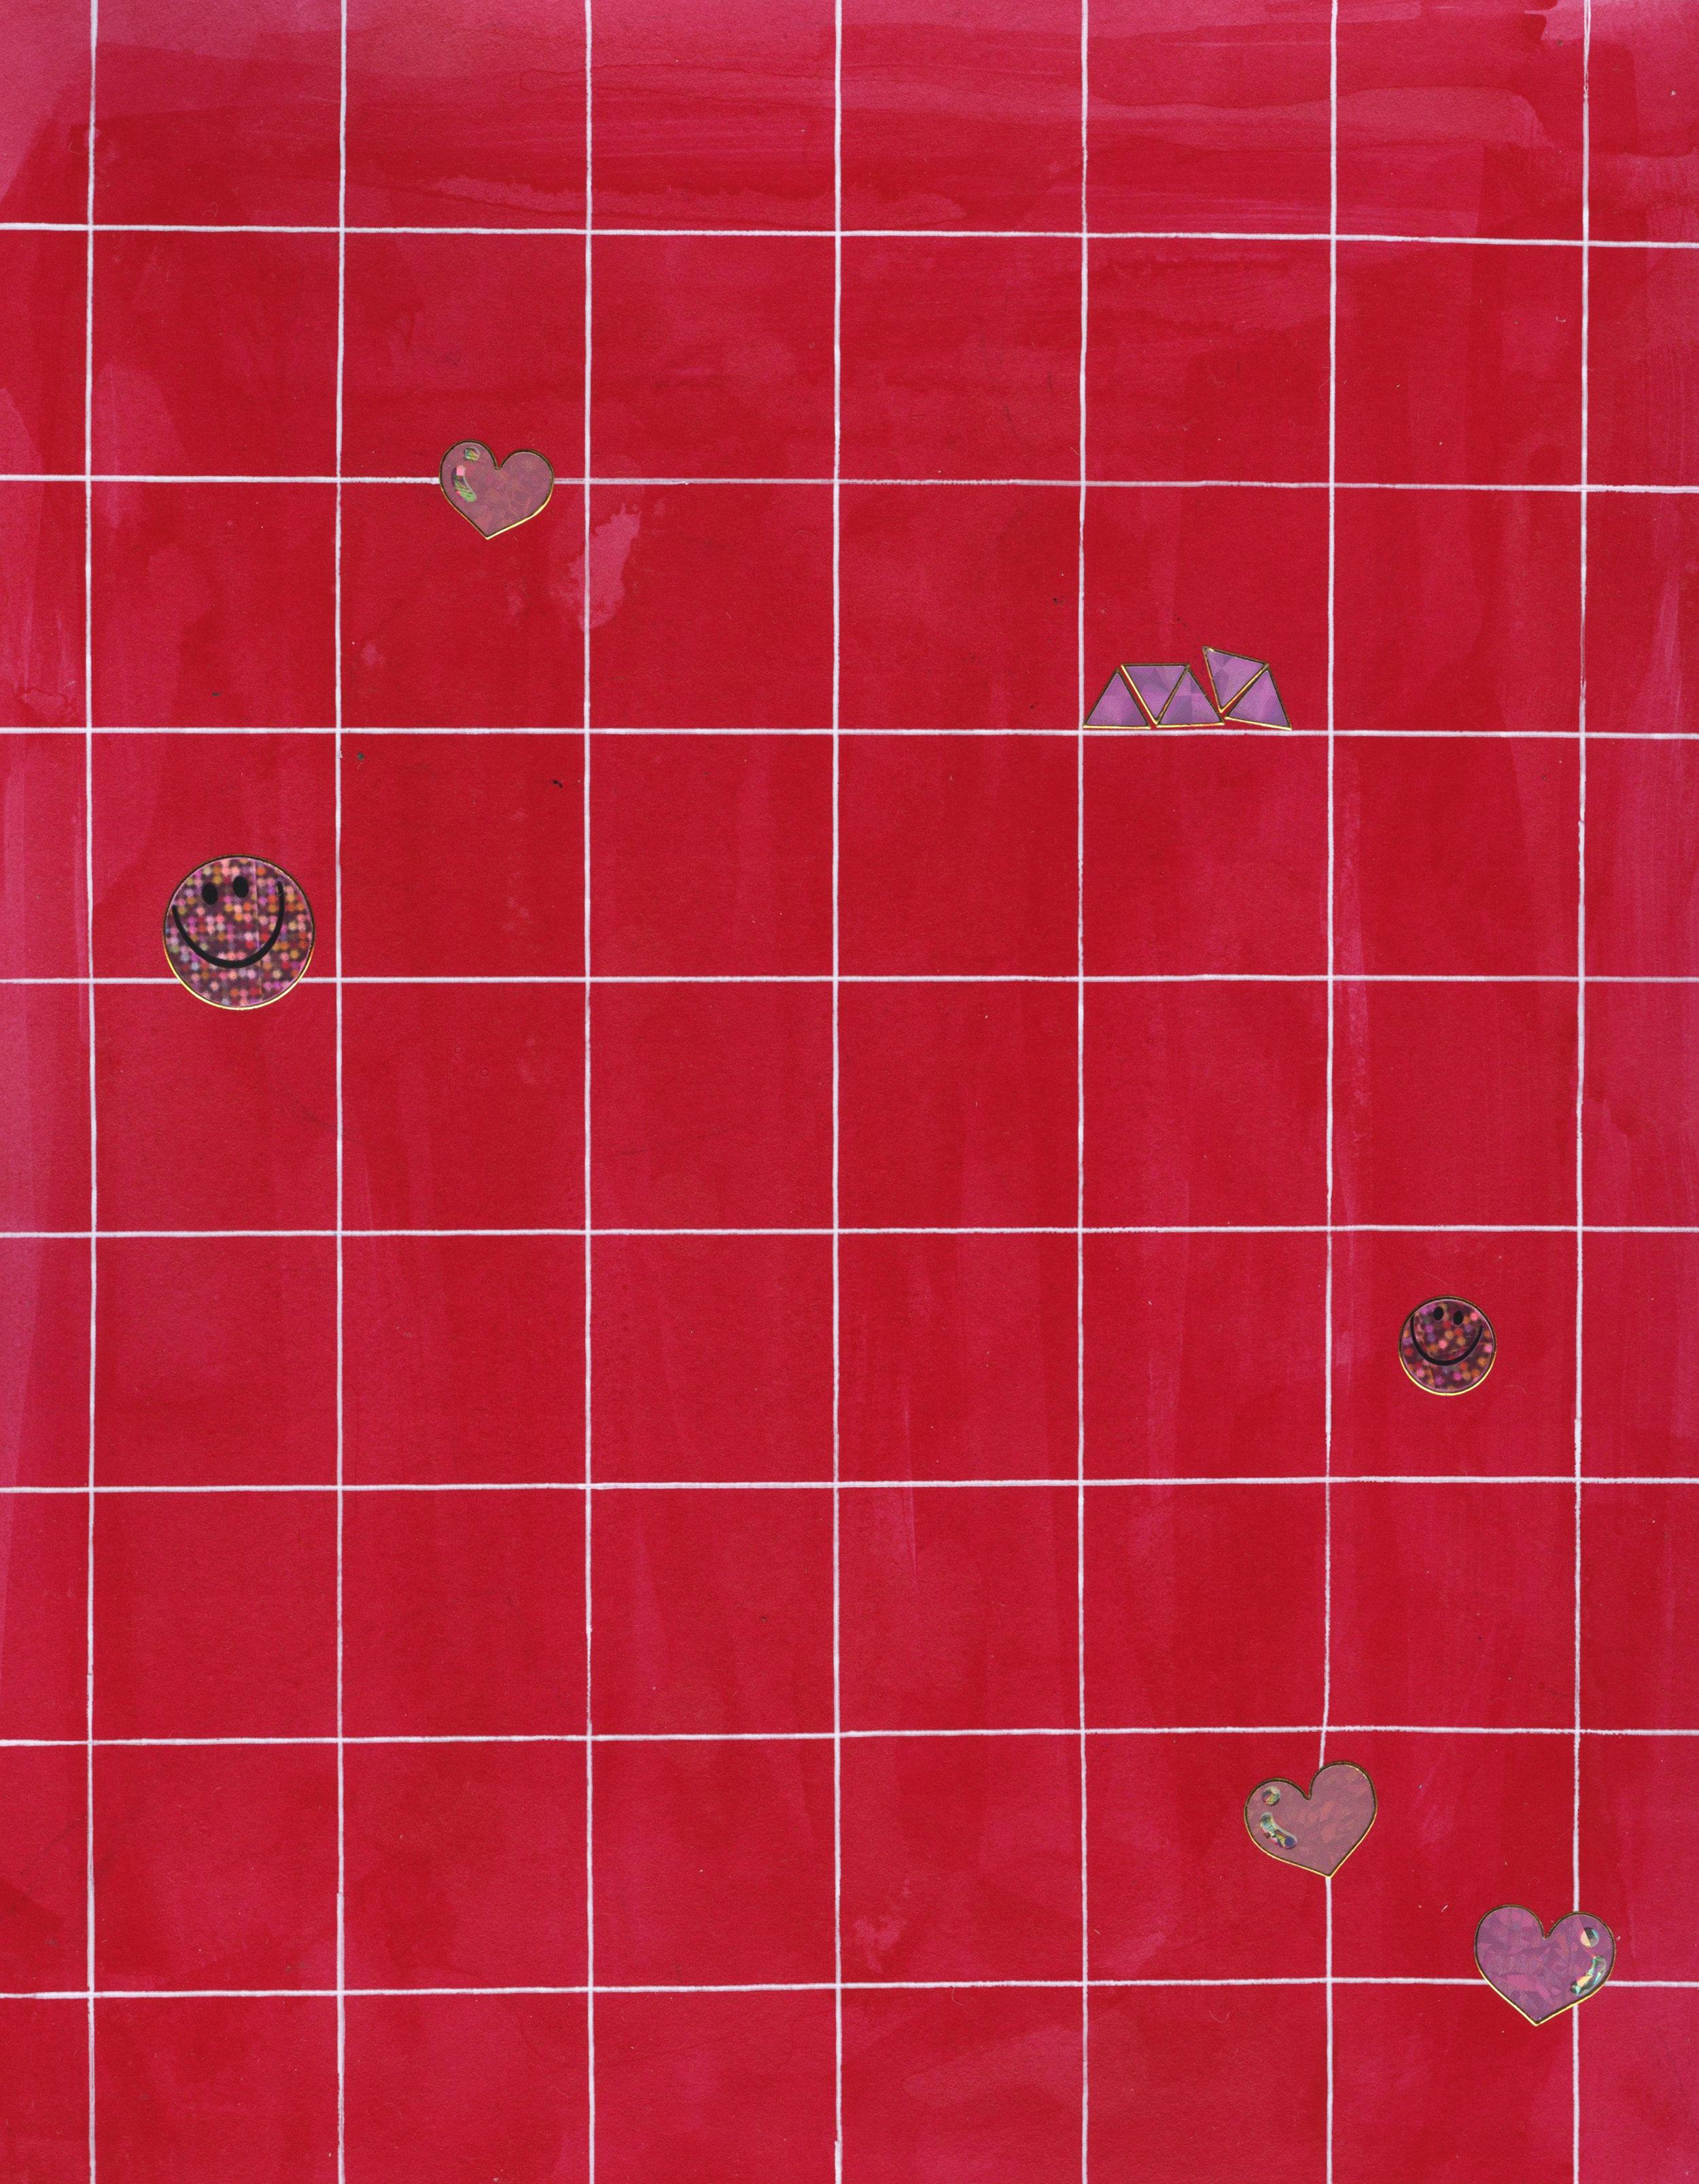 red grid.jpg